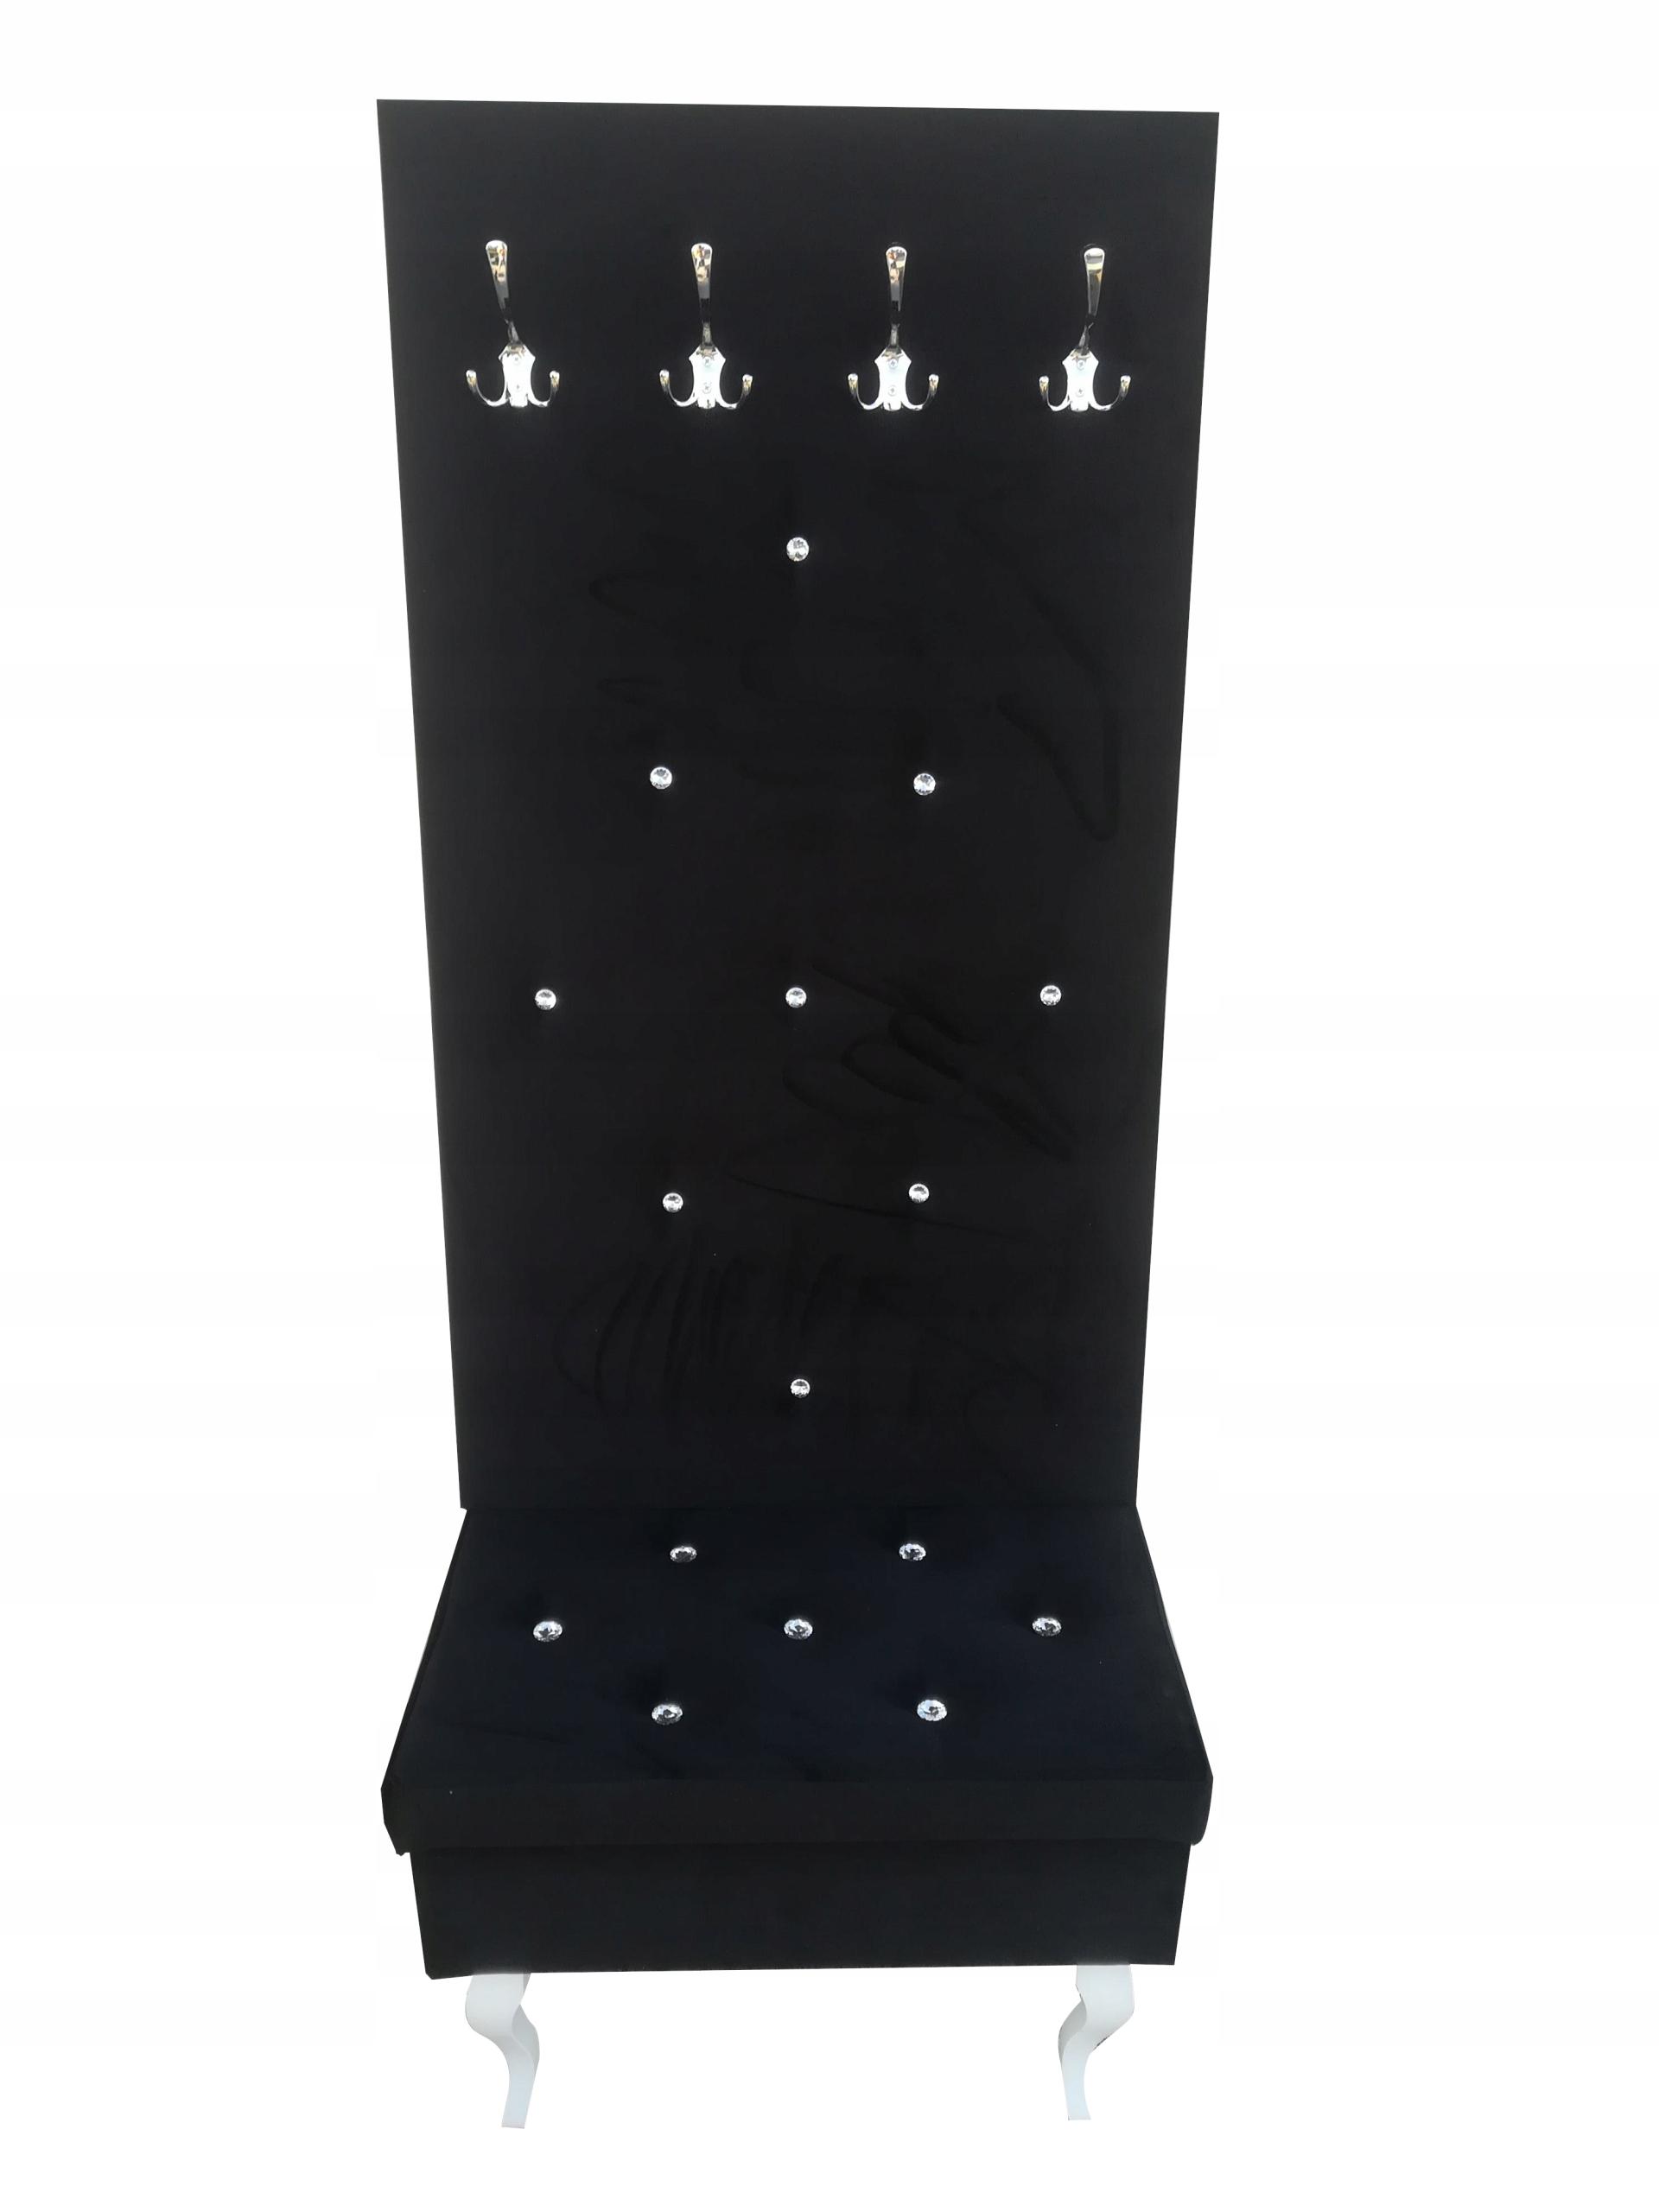 Očarujúce čalúnená vešiak + lavica 110 cm